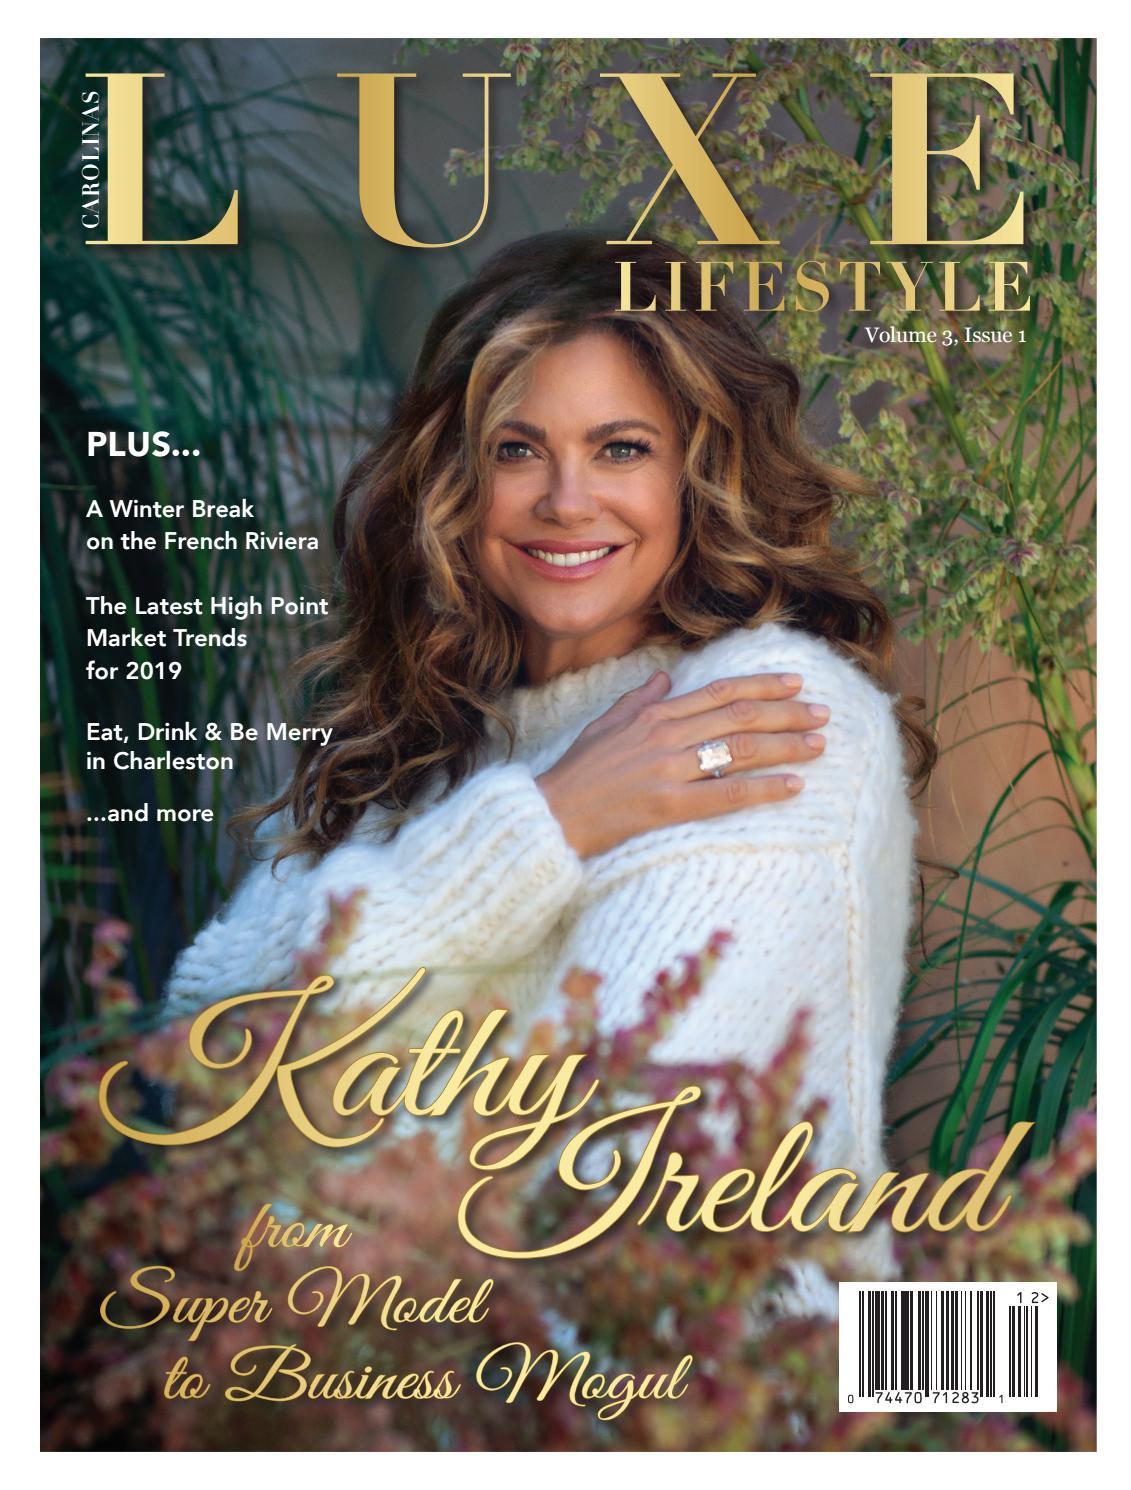 e82e16f12789f Luxe Lifestyle Magazine Volume 3, issue 1 by Luxe Lifestyle Magazine - issuu